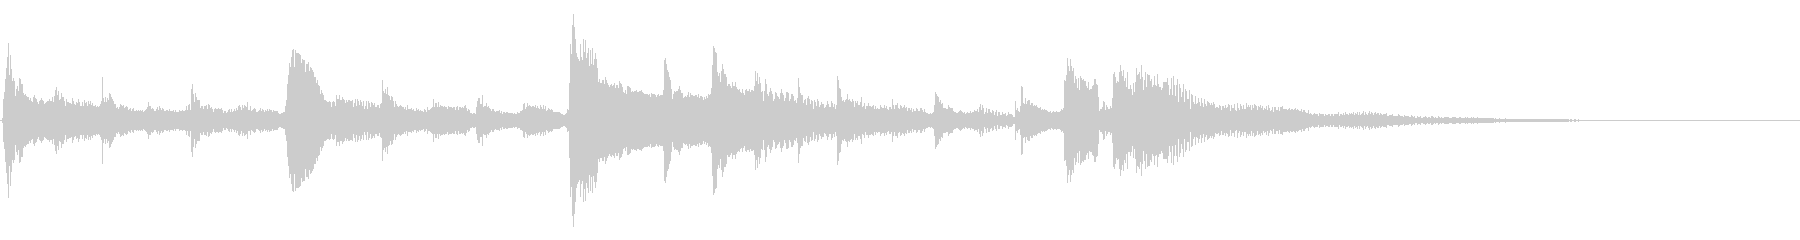 ★アコギ33/生音、ジングル、悲しいの未再生の波形